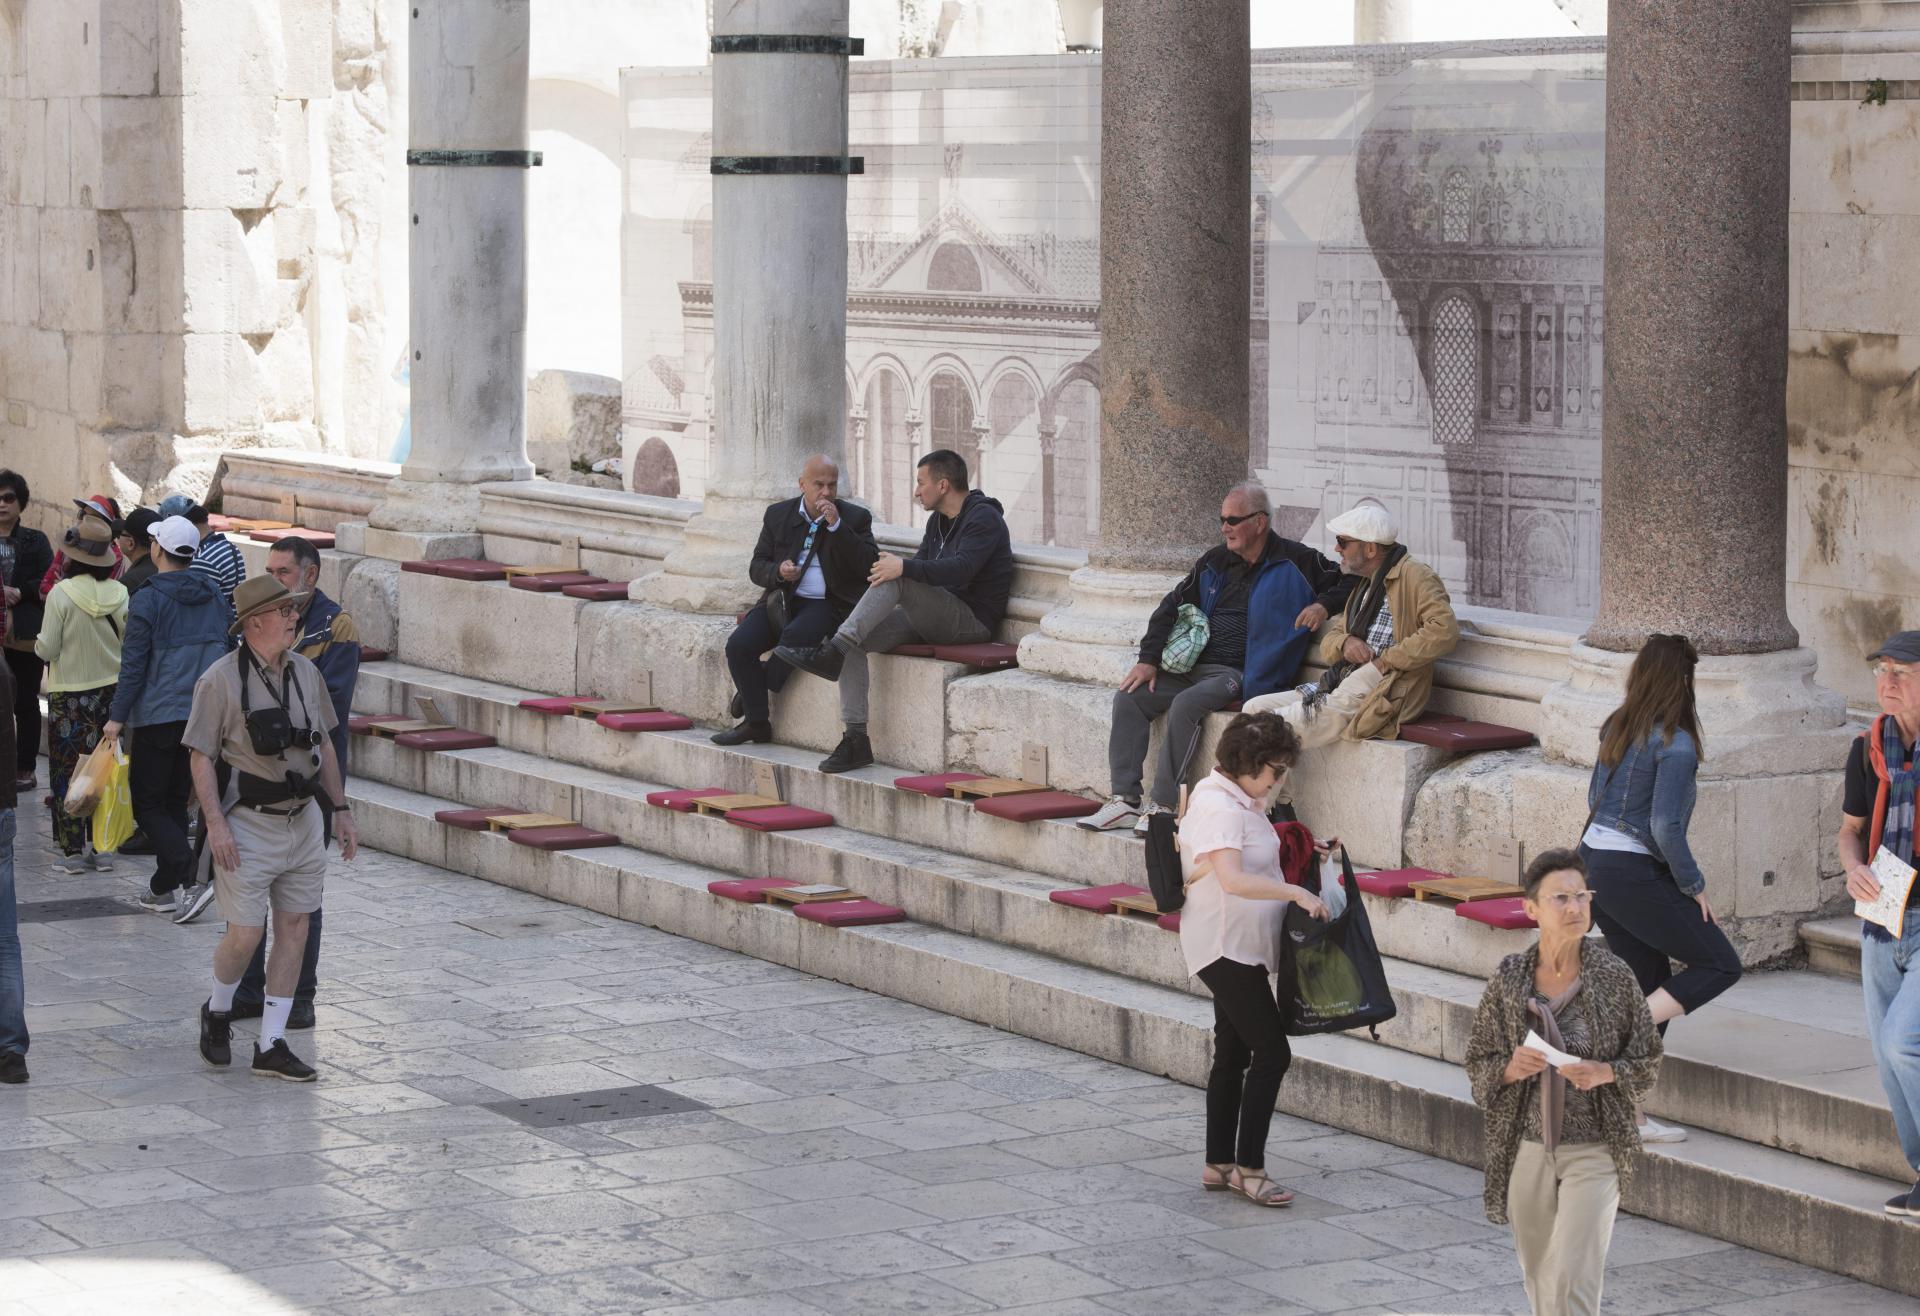 Biti turist u vlastitom gradu, pa ni na desetak minuta, nije besplatno